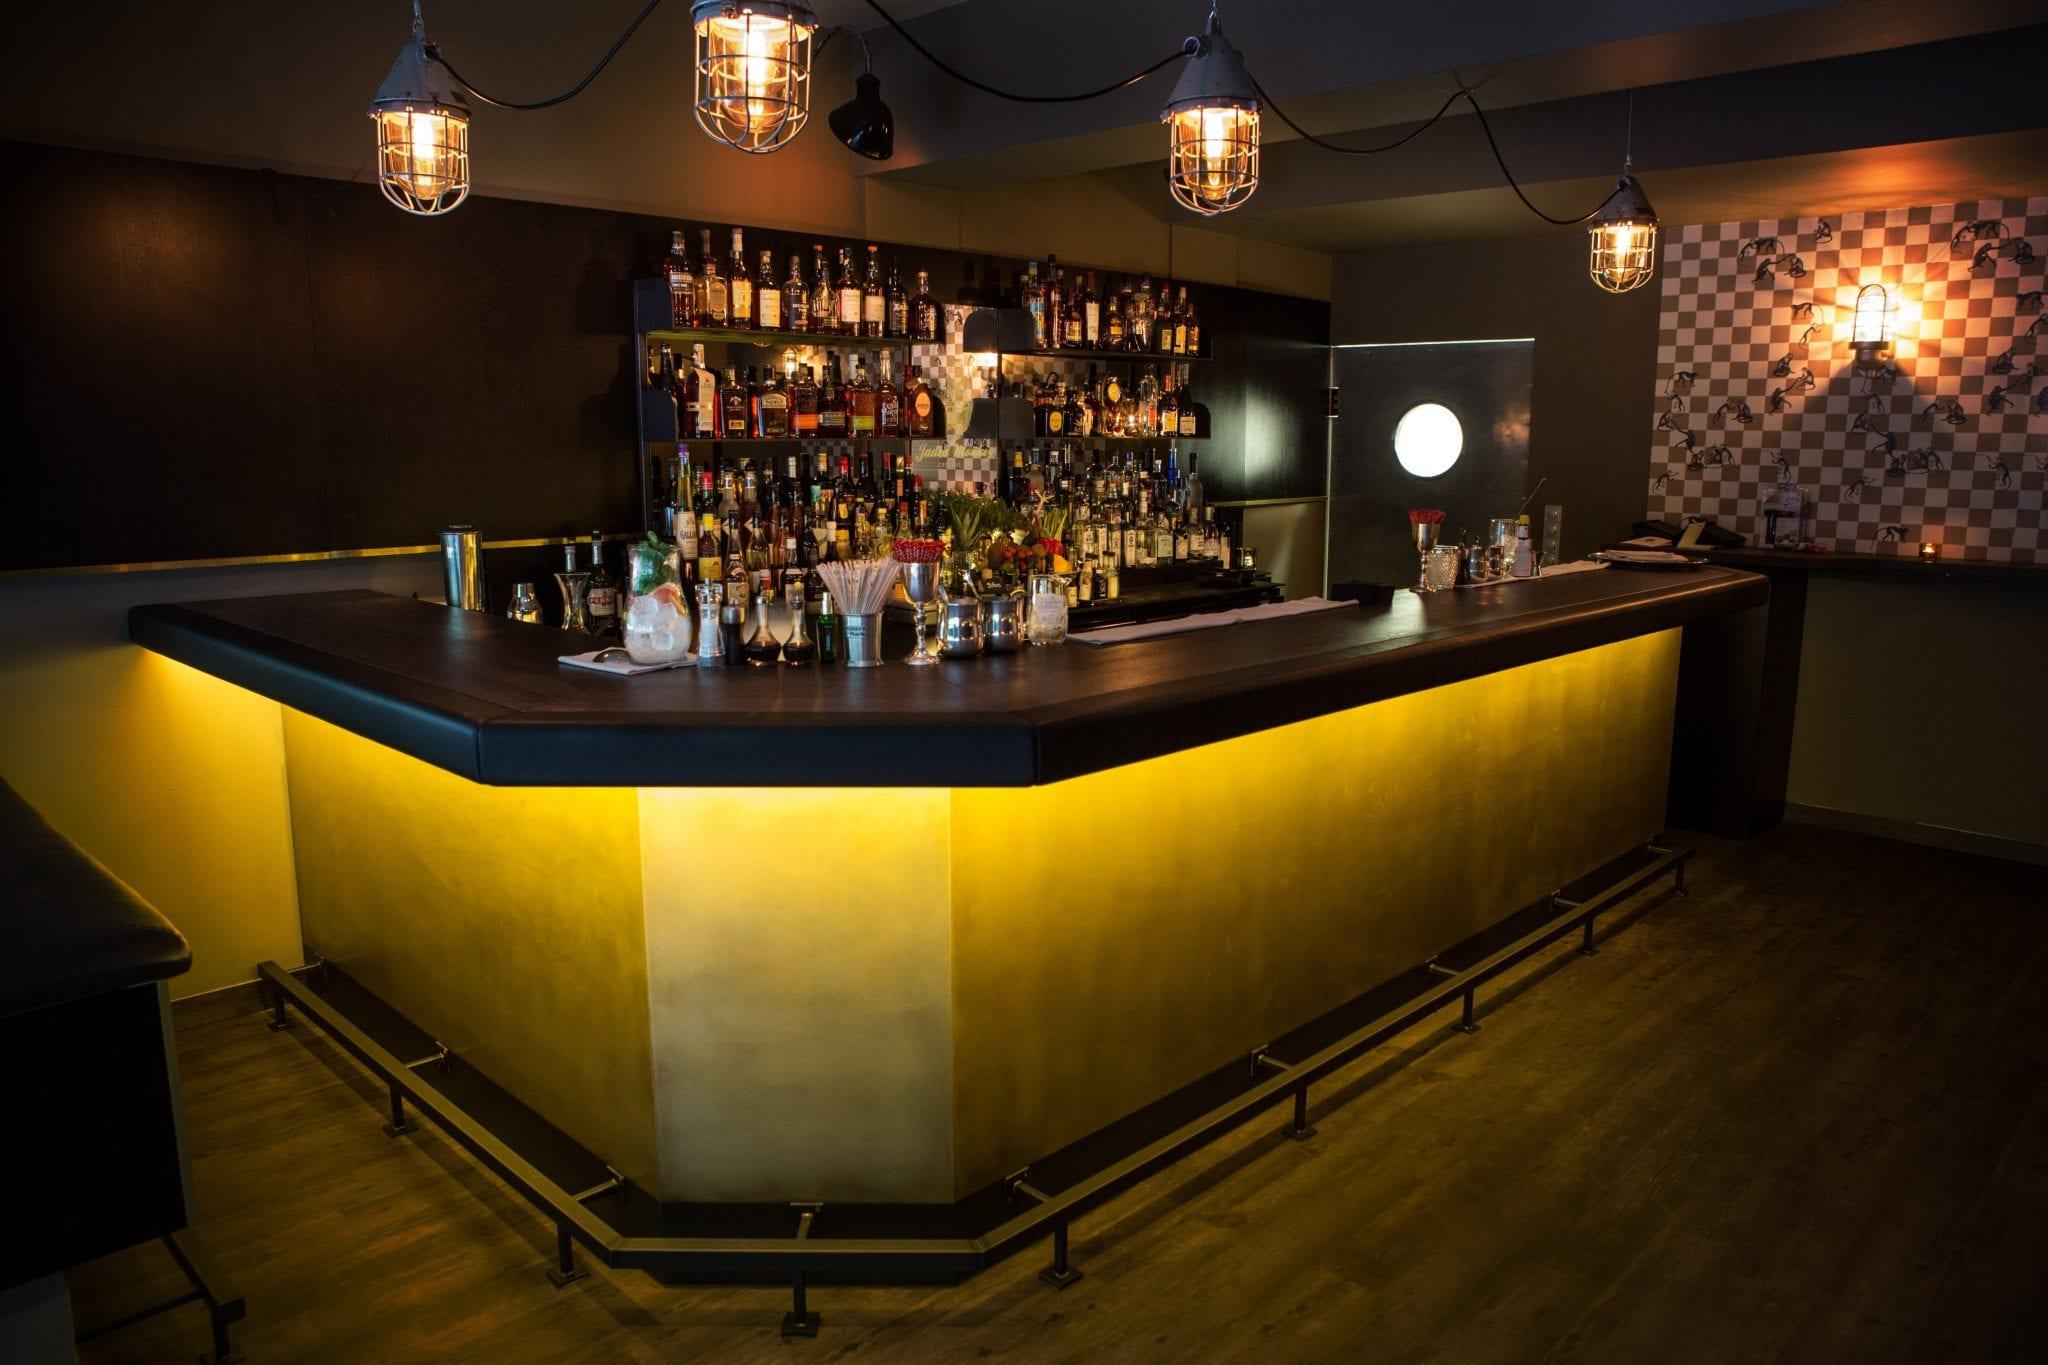 Mich laust der Affe, Bill Fehn mit eigener Bar in München - Mixology